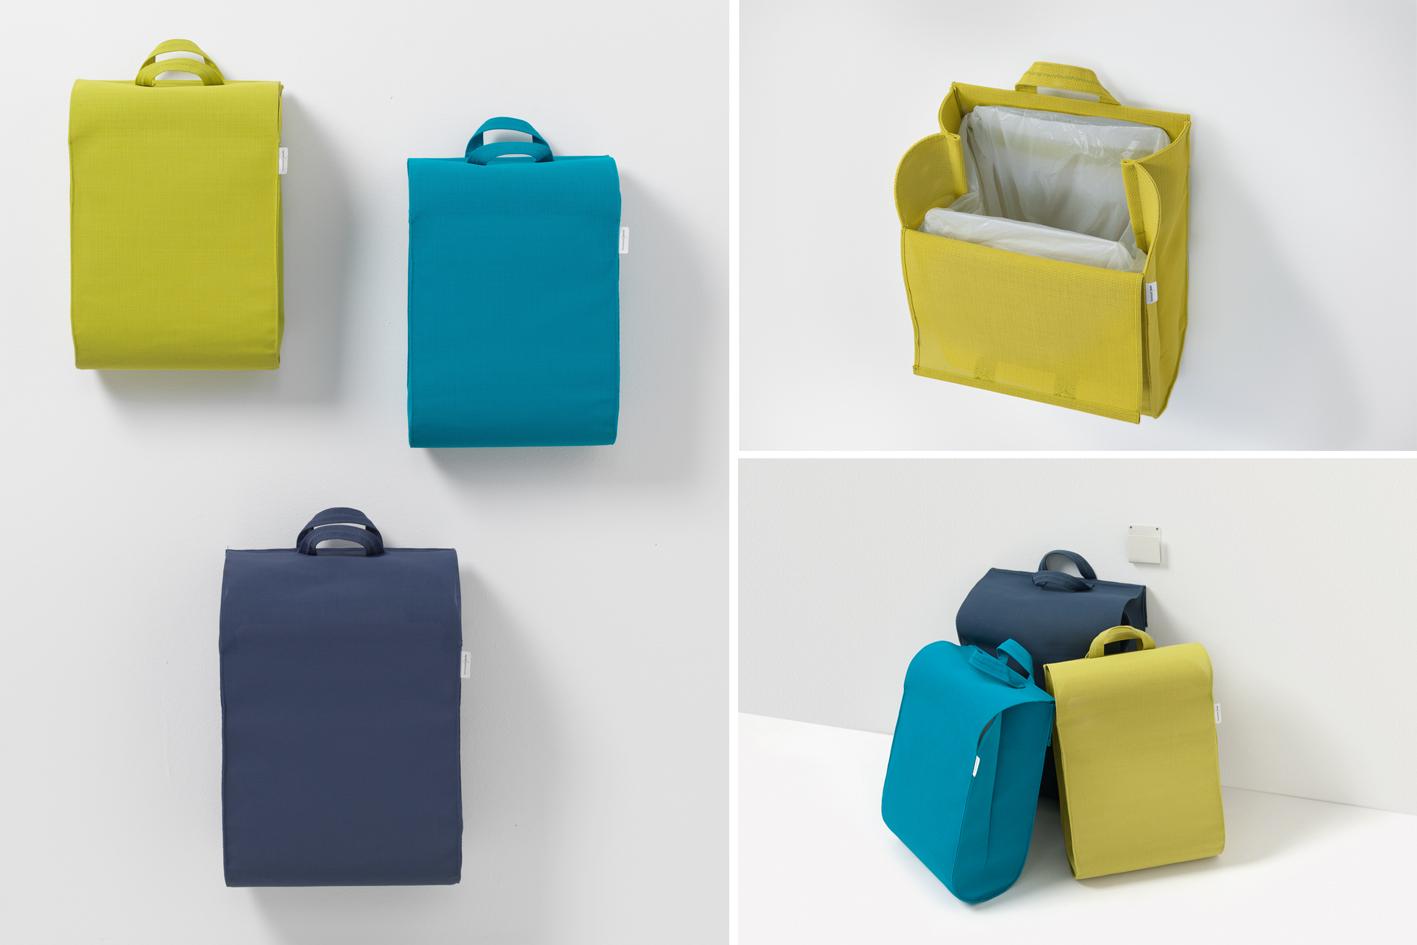 Mülltrennung und Design - passt das zusammen? – Lilli Green